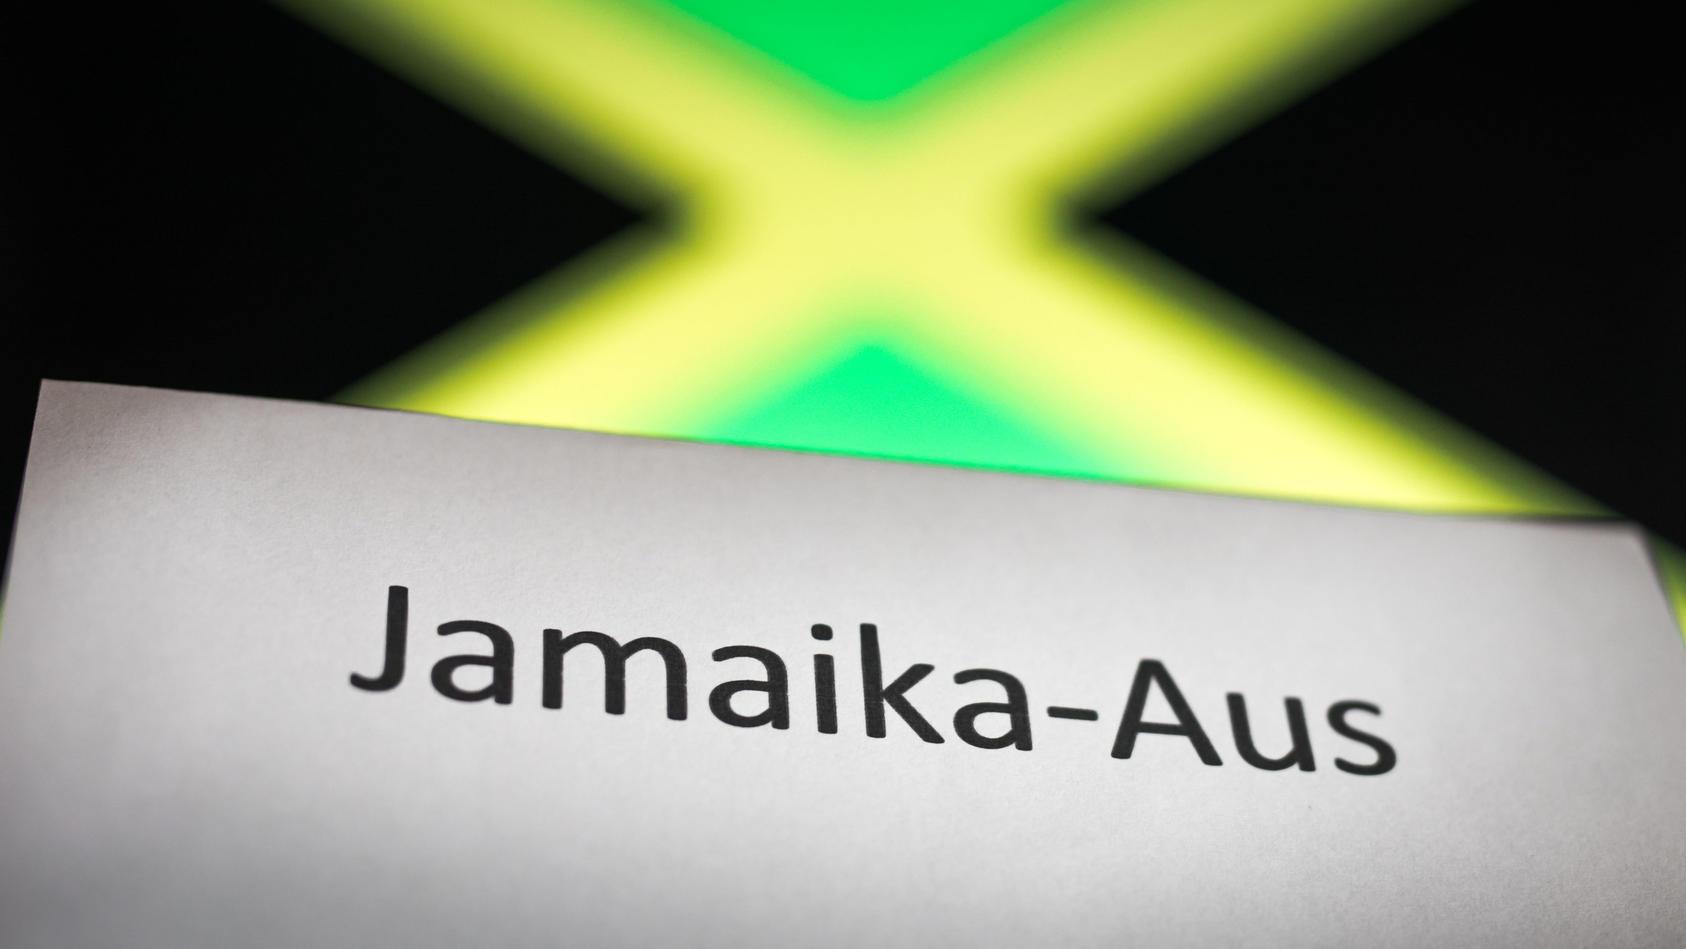 Wort des Jahres 2017: Jamaika-Aus